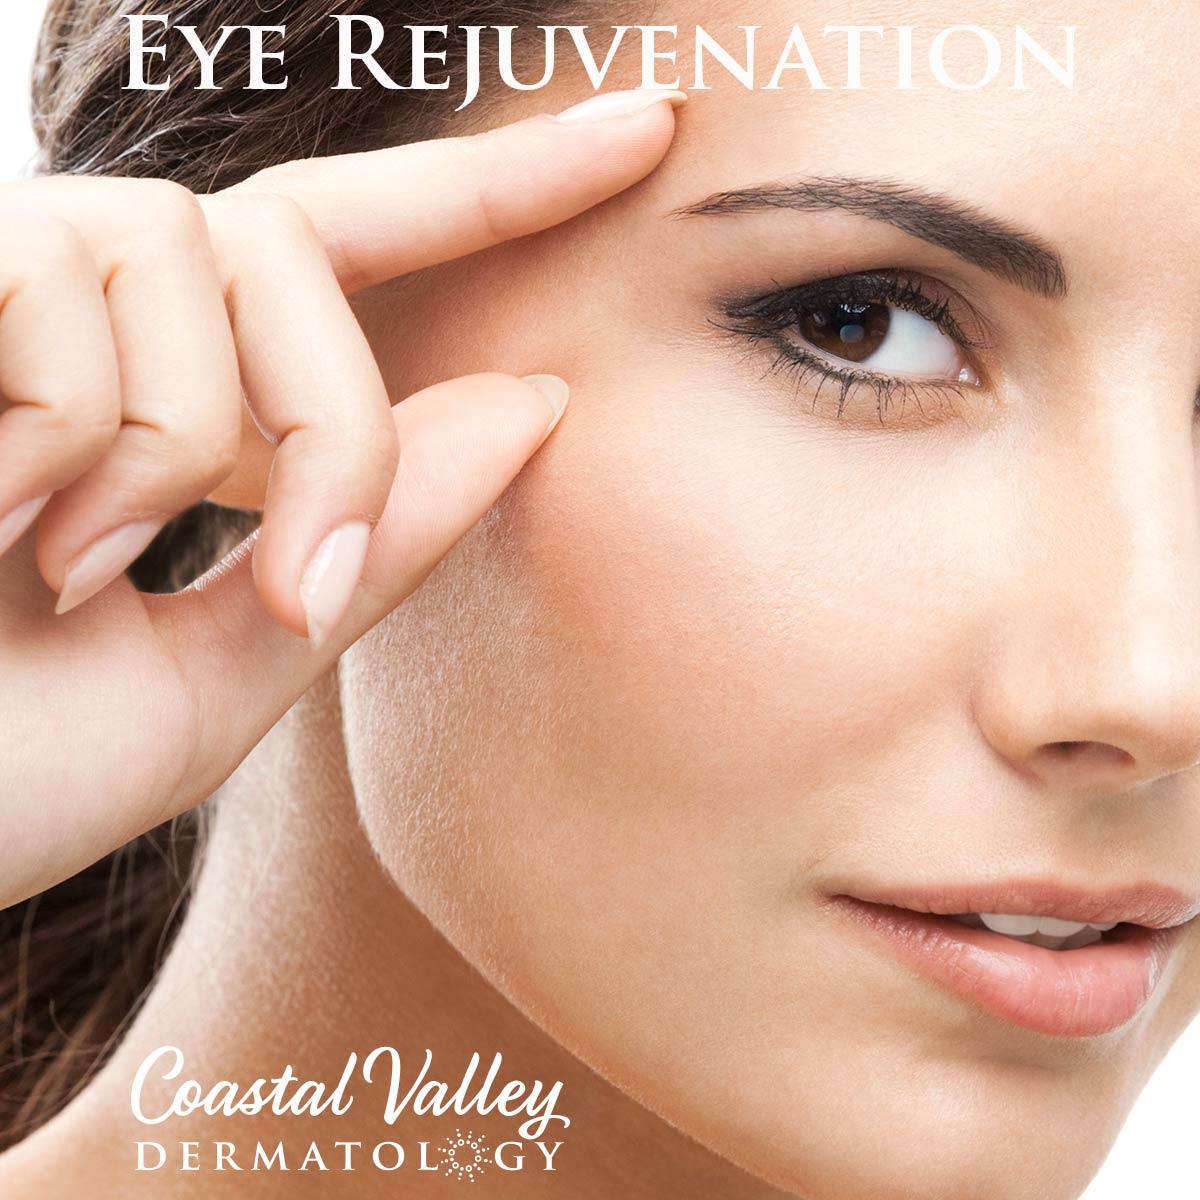 coastal-valley-dermatology-carmel-eye-rejuvenation-photo